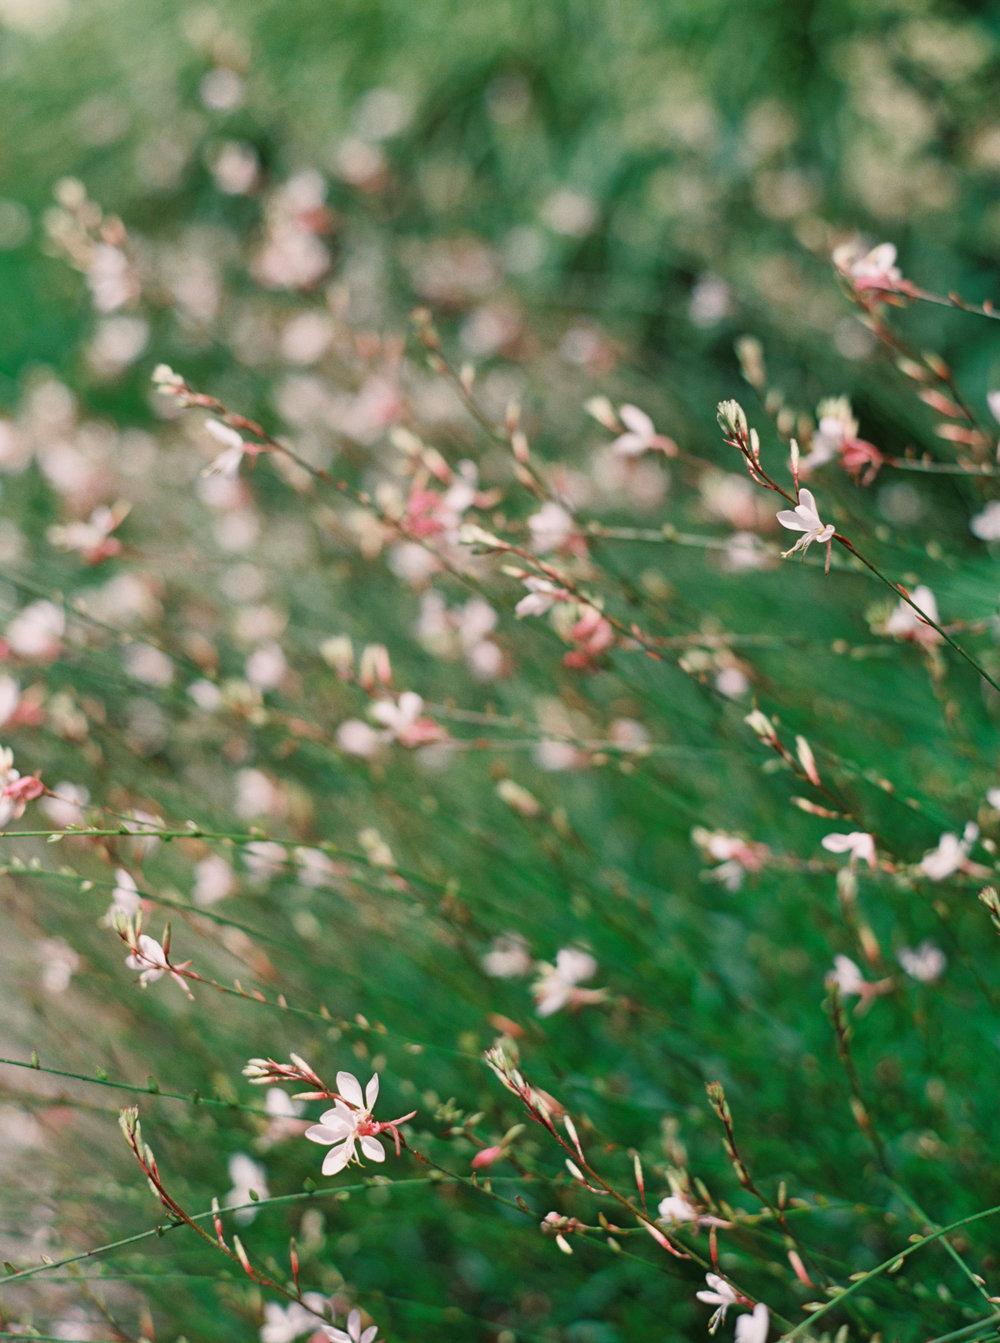 jenna mcelroy photography-16.jpg